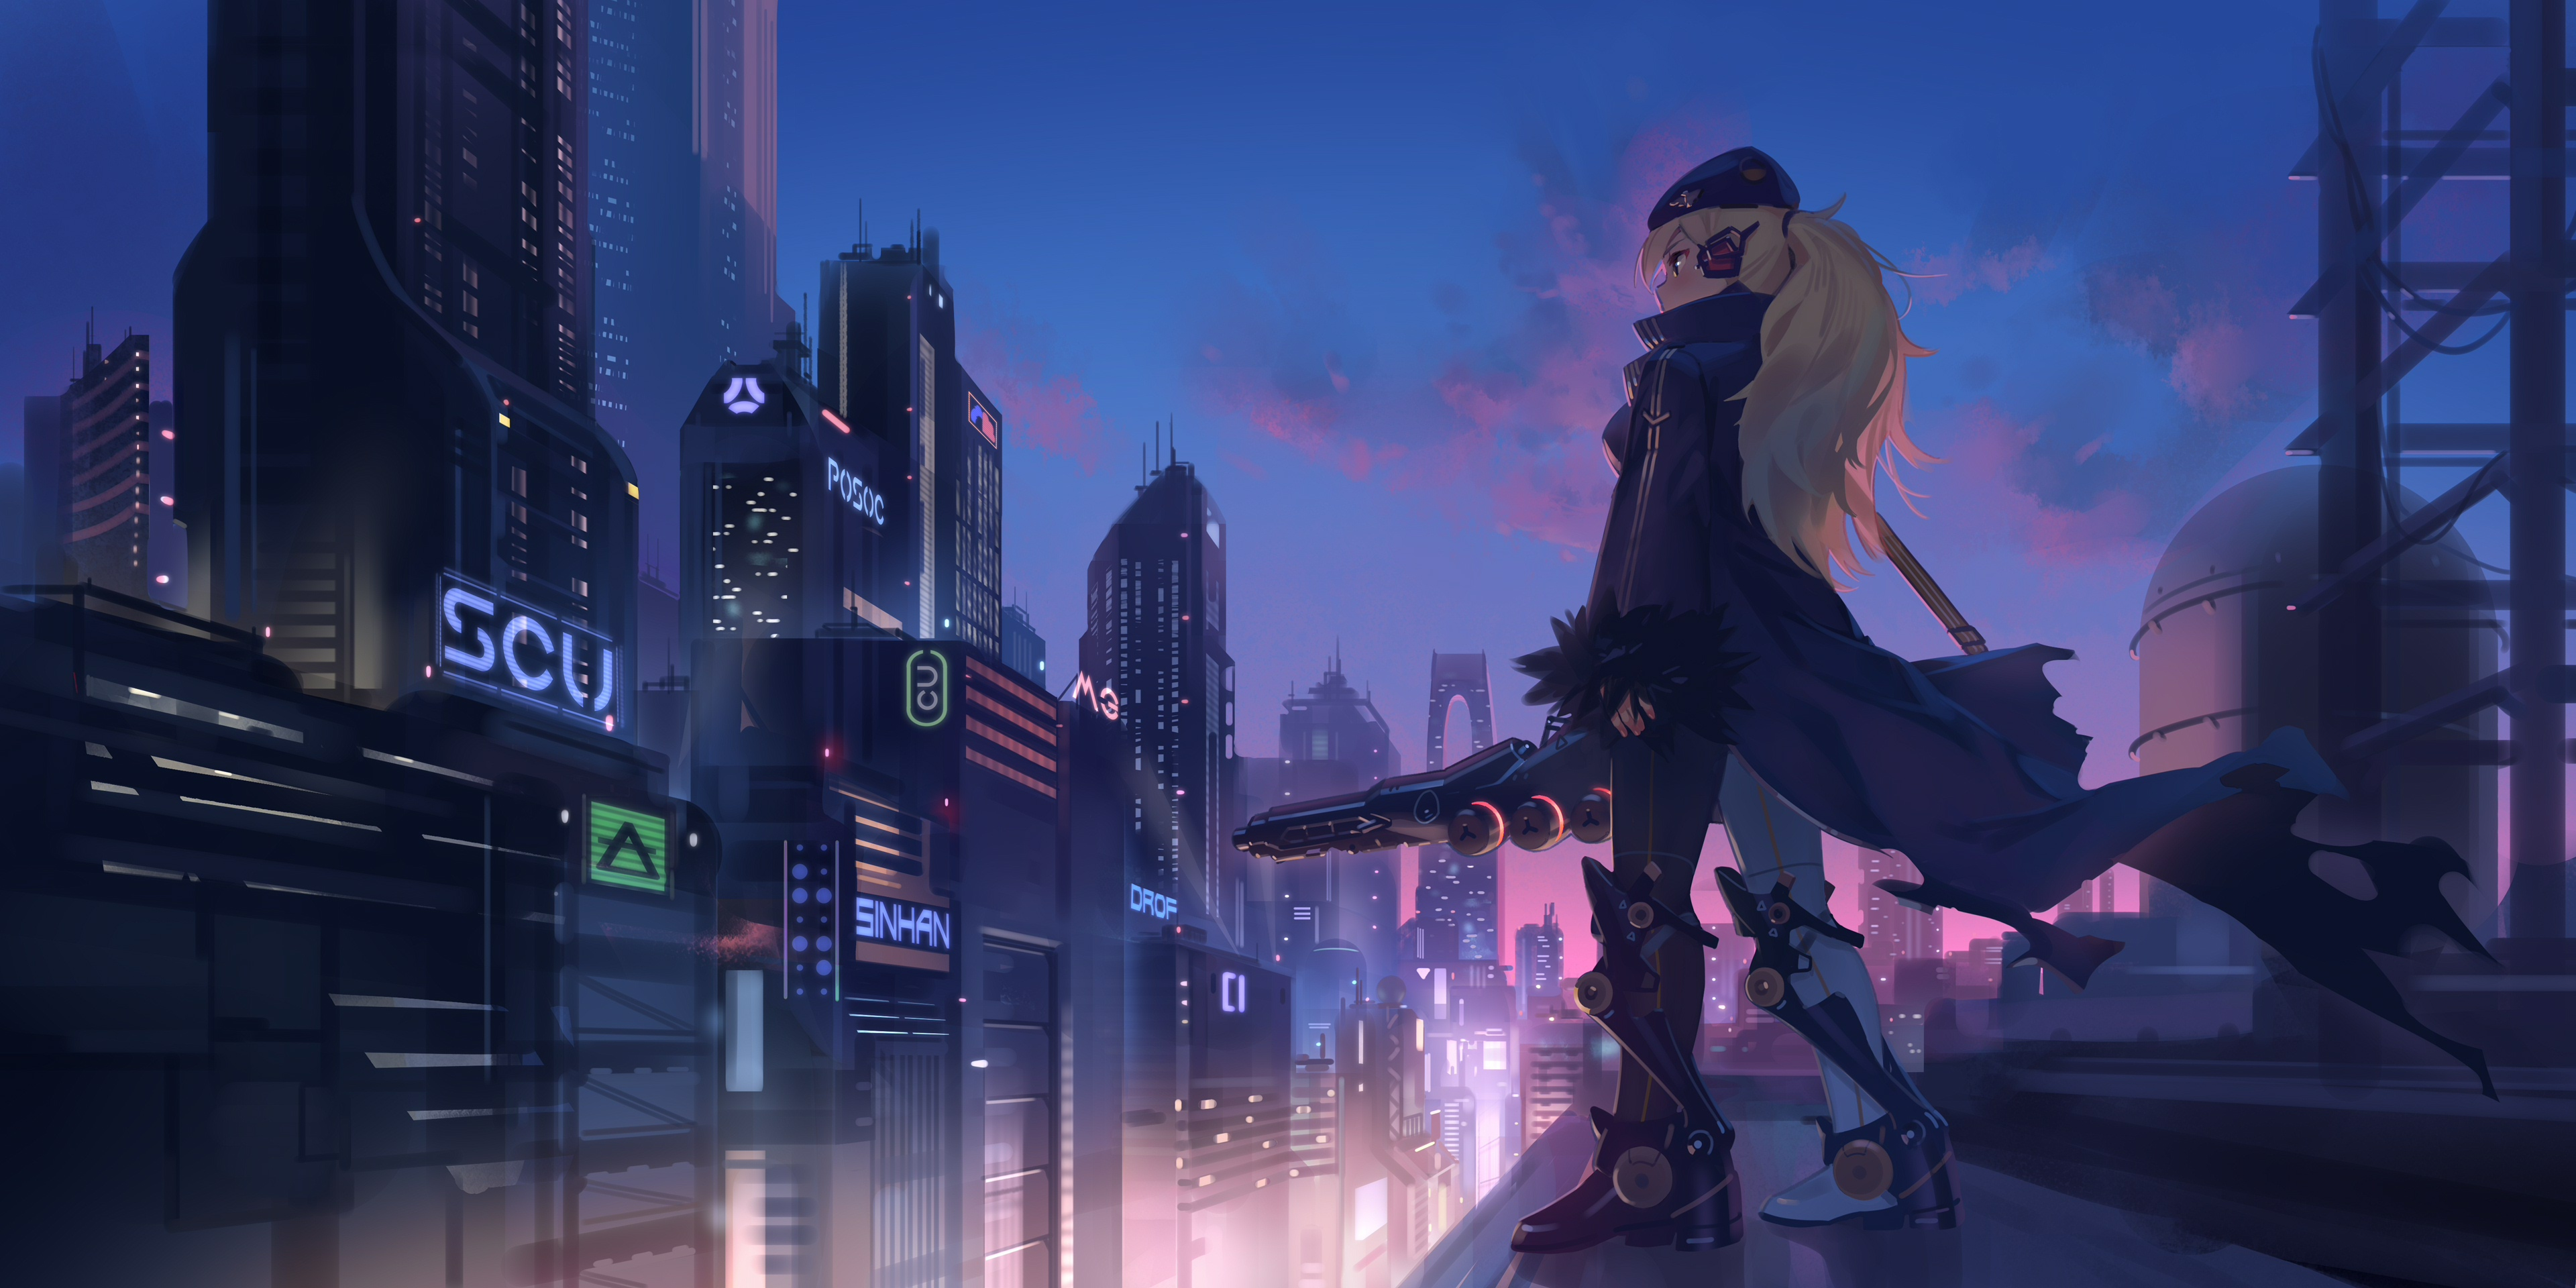 anime girl in city 1578254425 - Anime Girl In City -